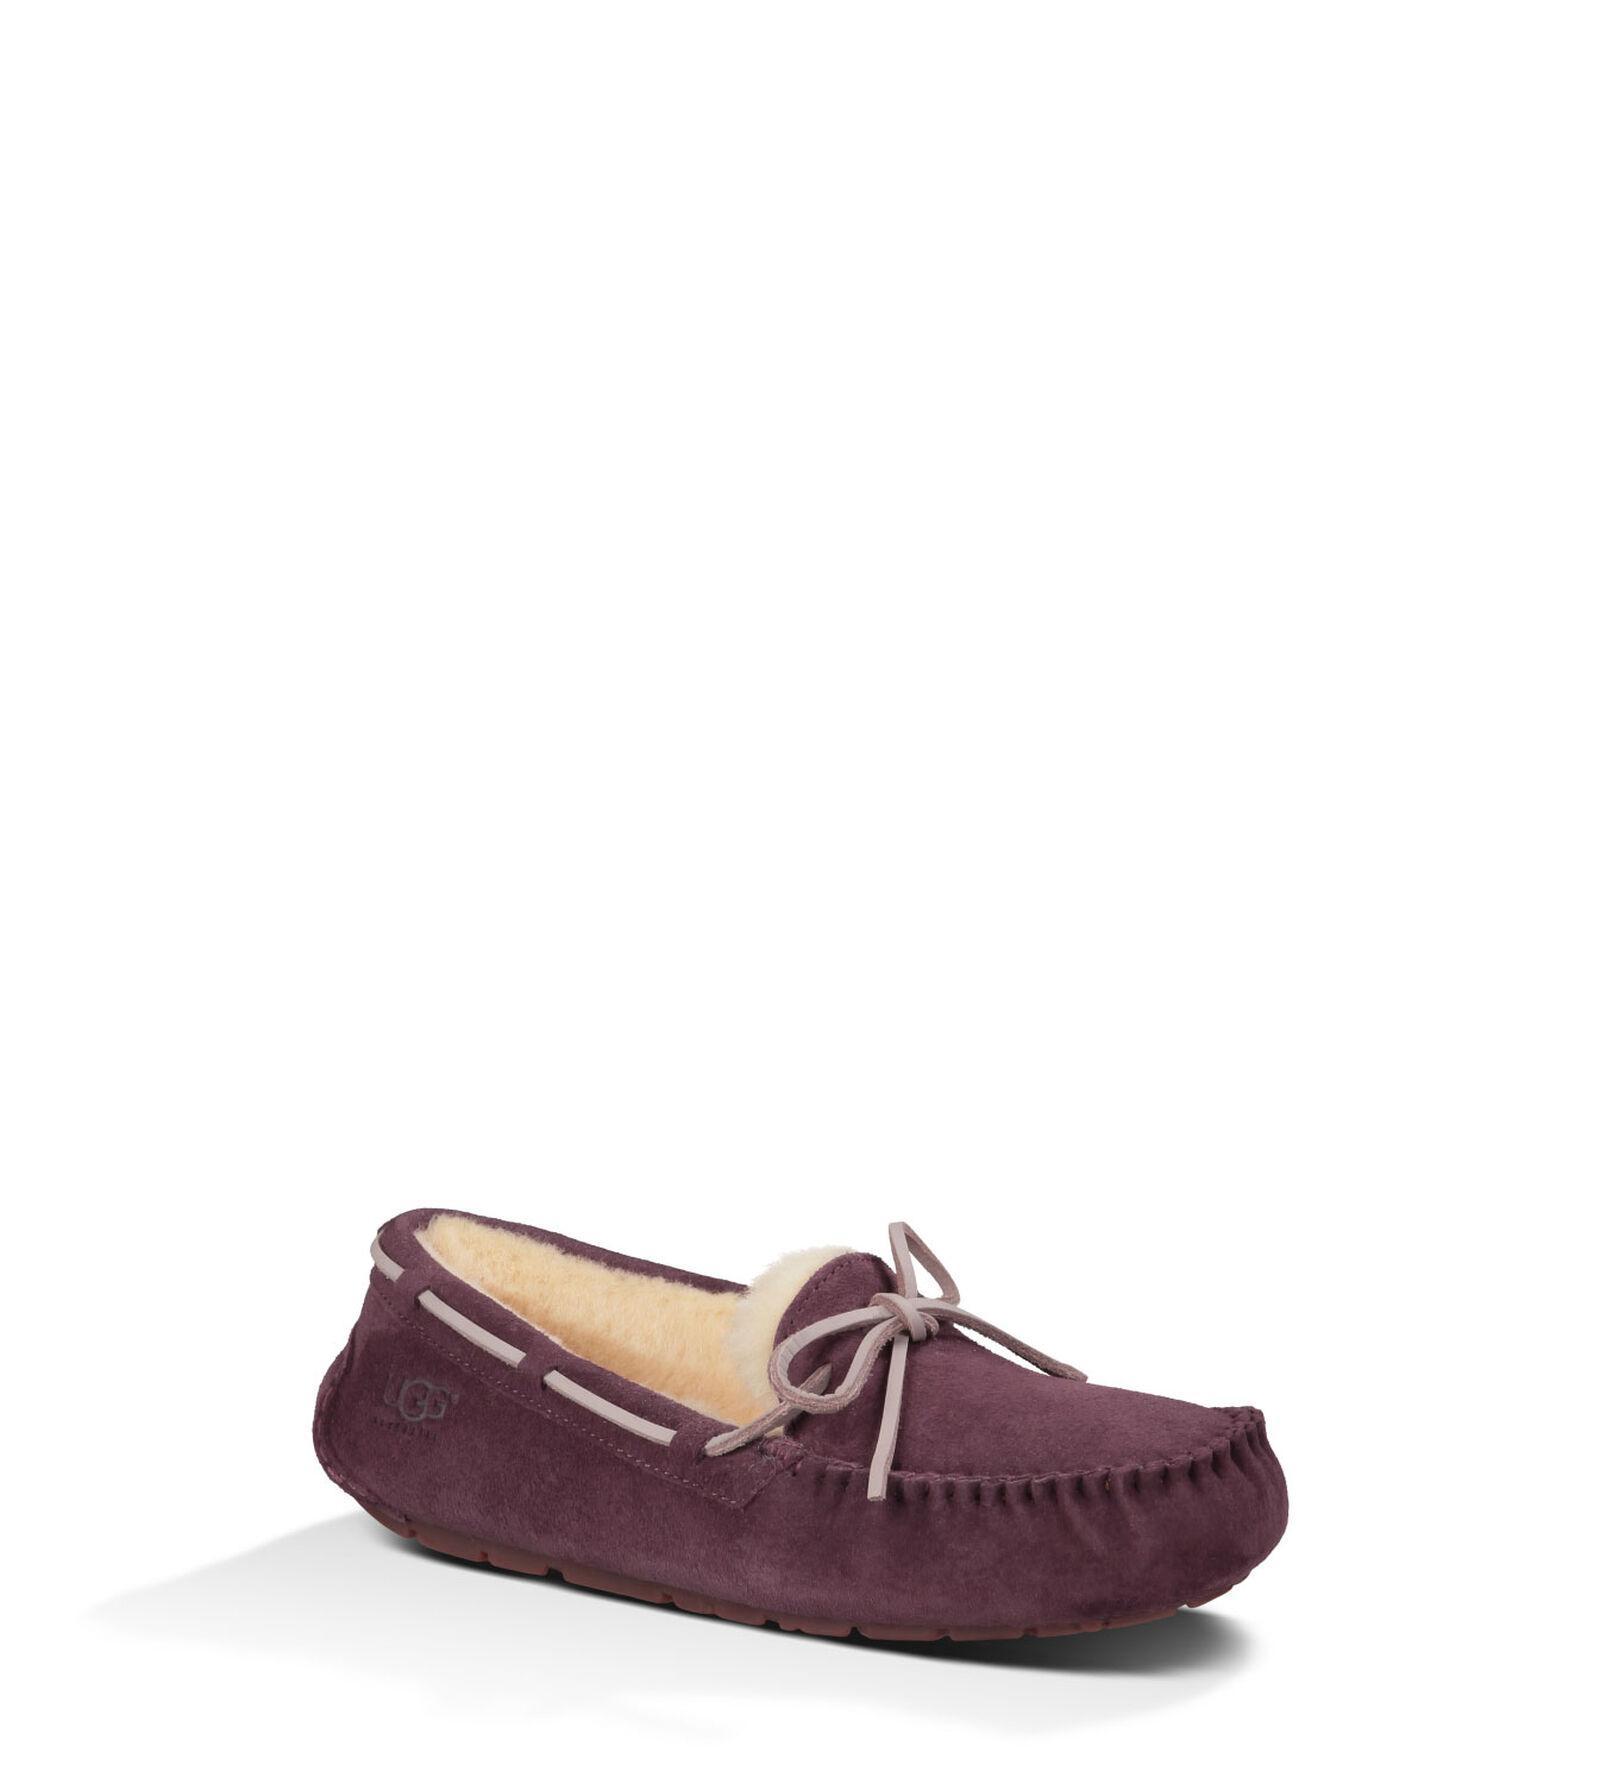 Dakota Chaussons pour Laines UGG en coloris Violet